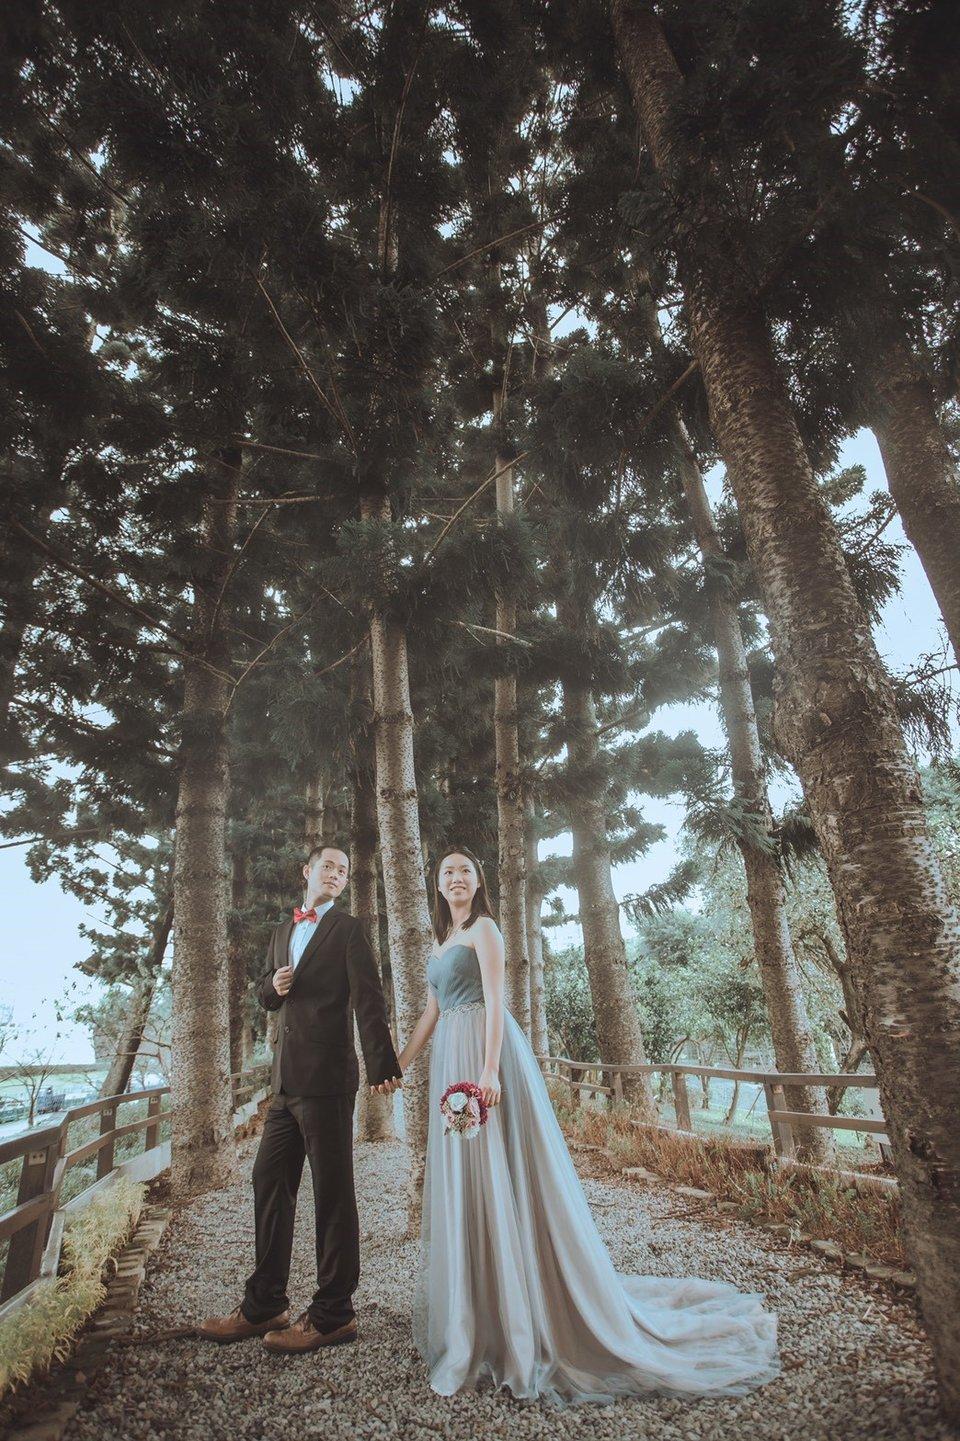 麗舍時尚婚紗,推薦麗舍時尚婚紗,讓我們留下幸福的回憶